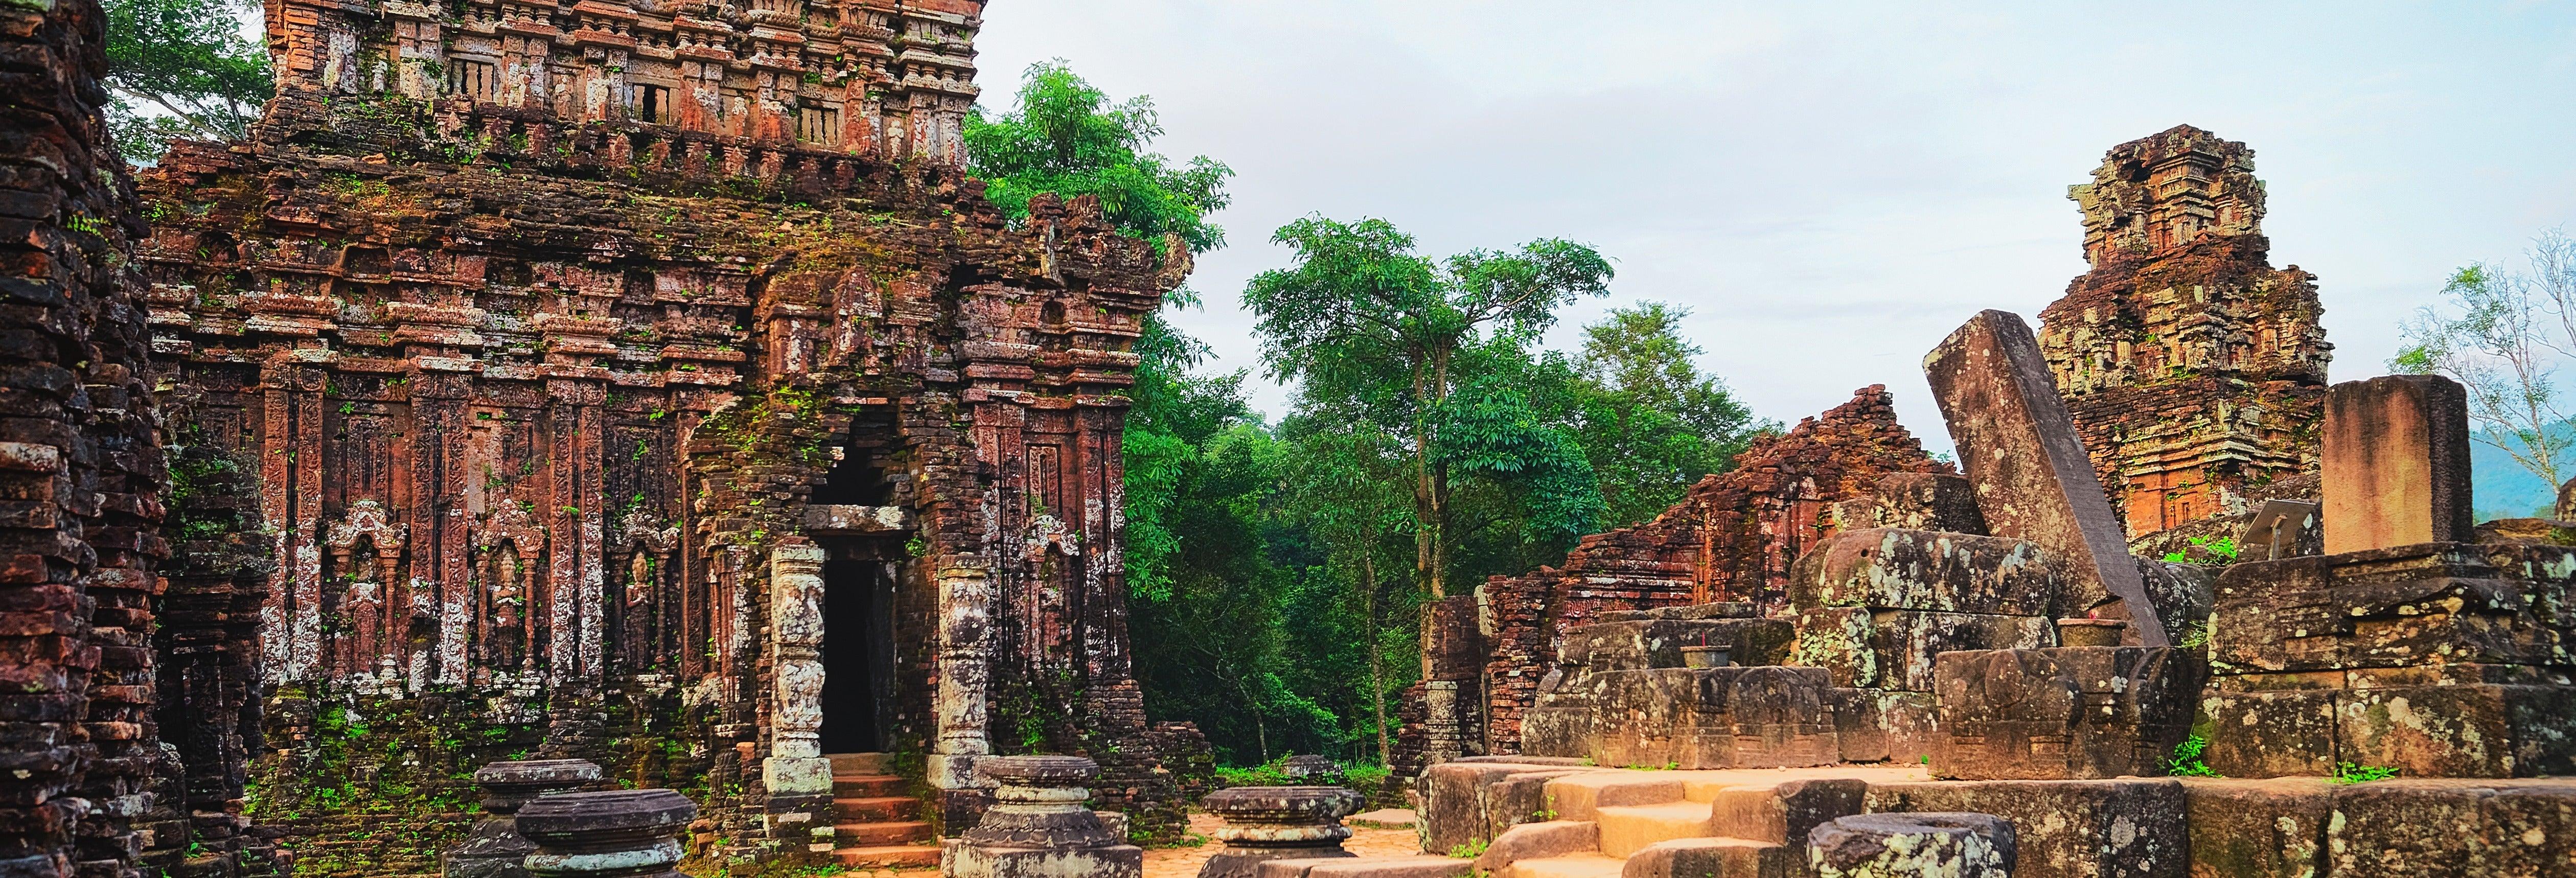 Excursión a los templos de My Son